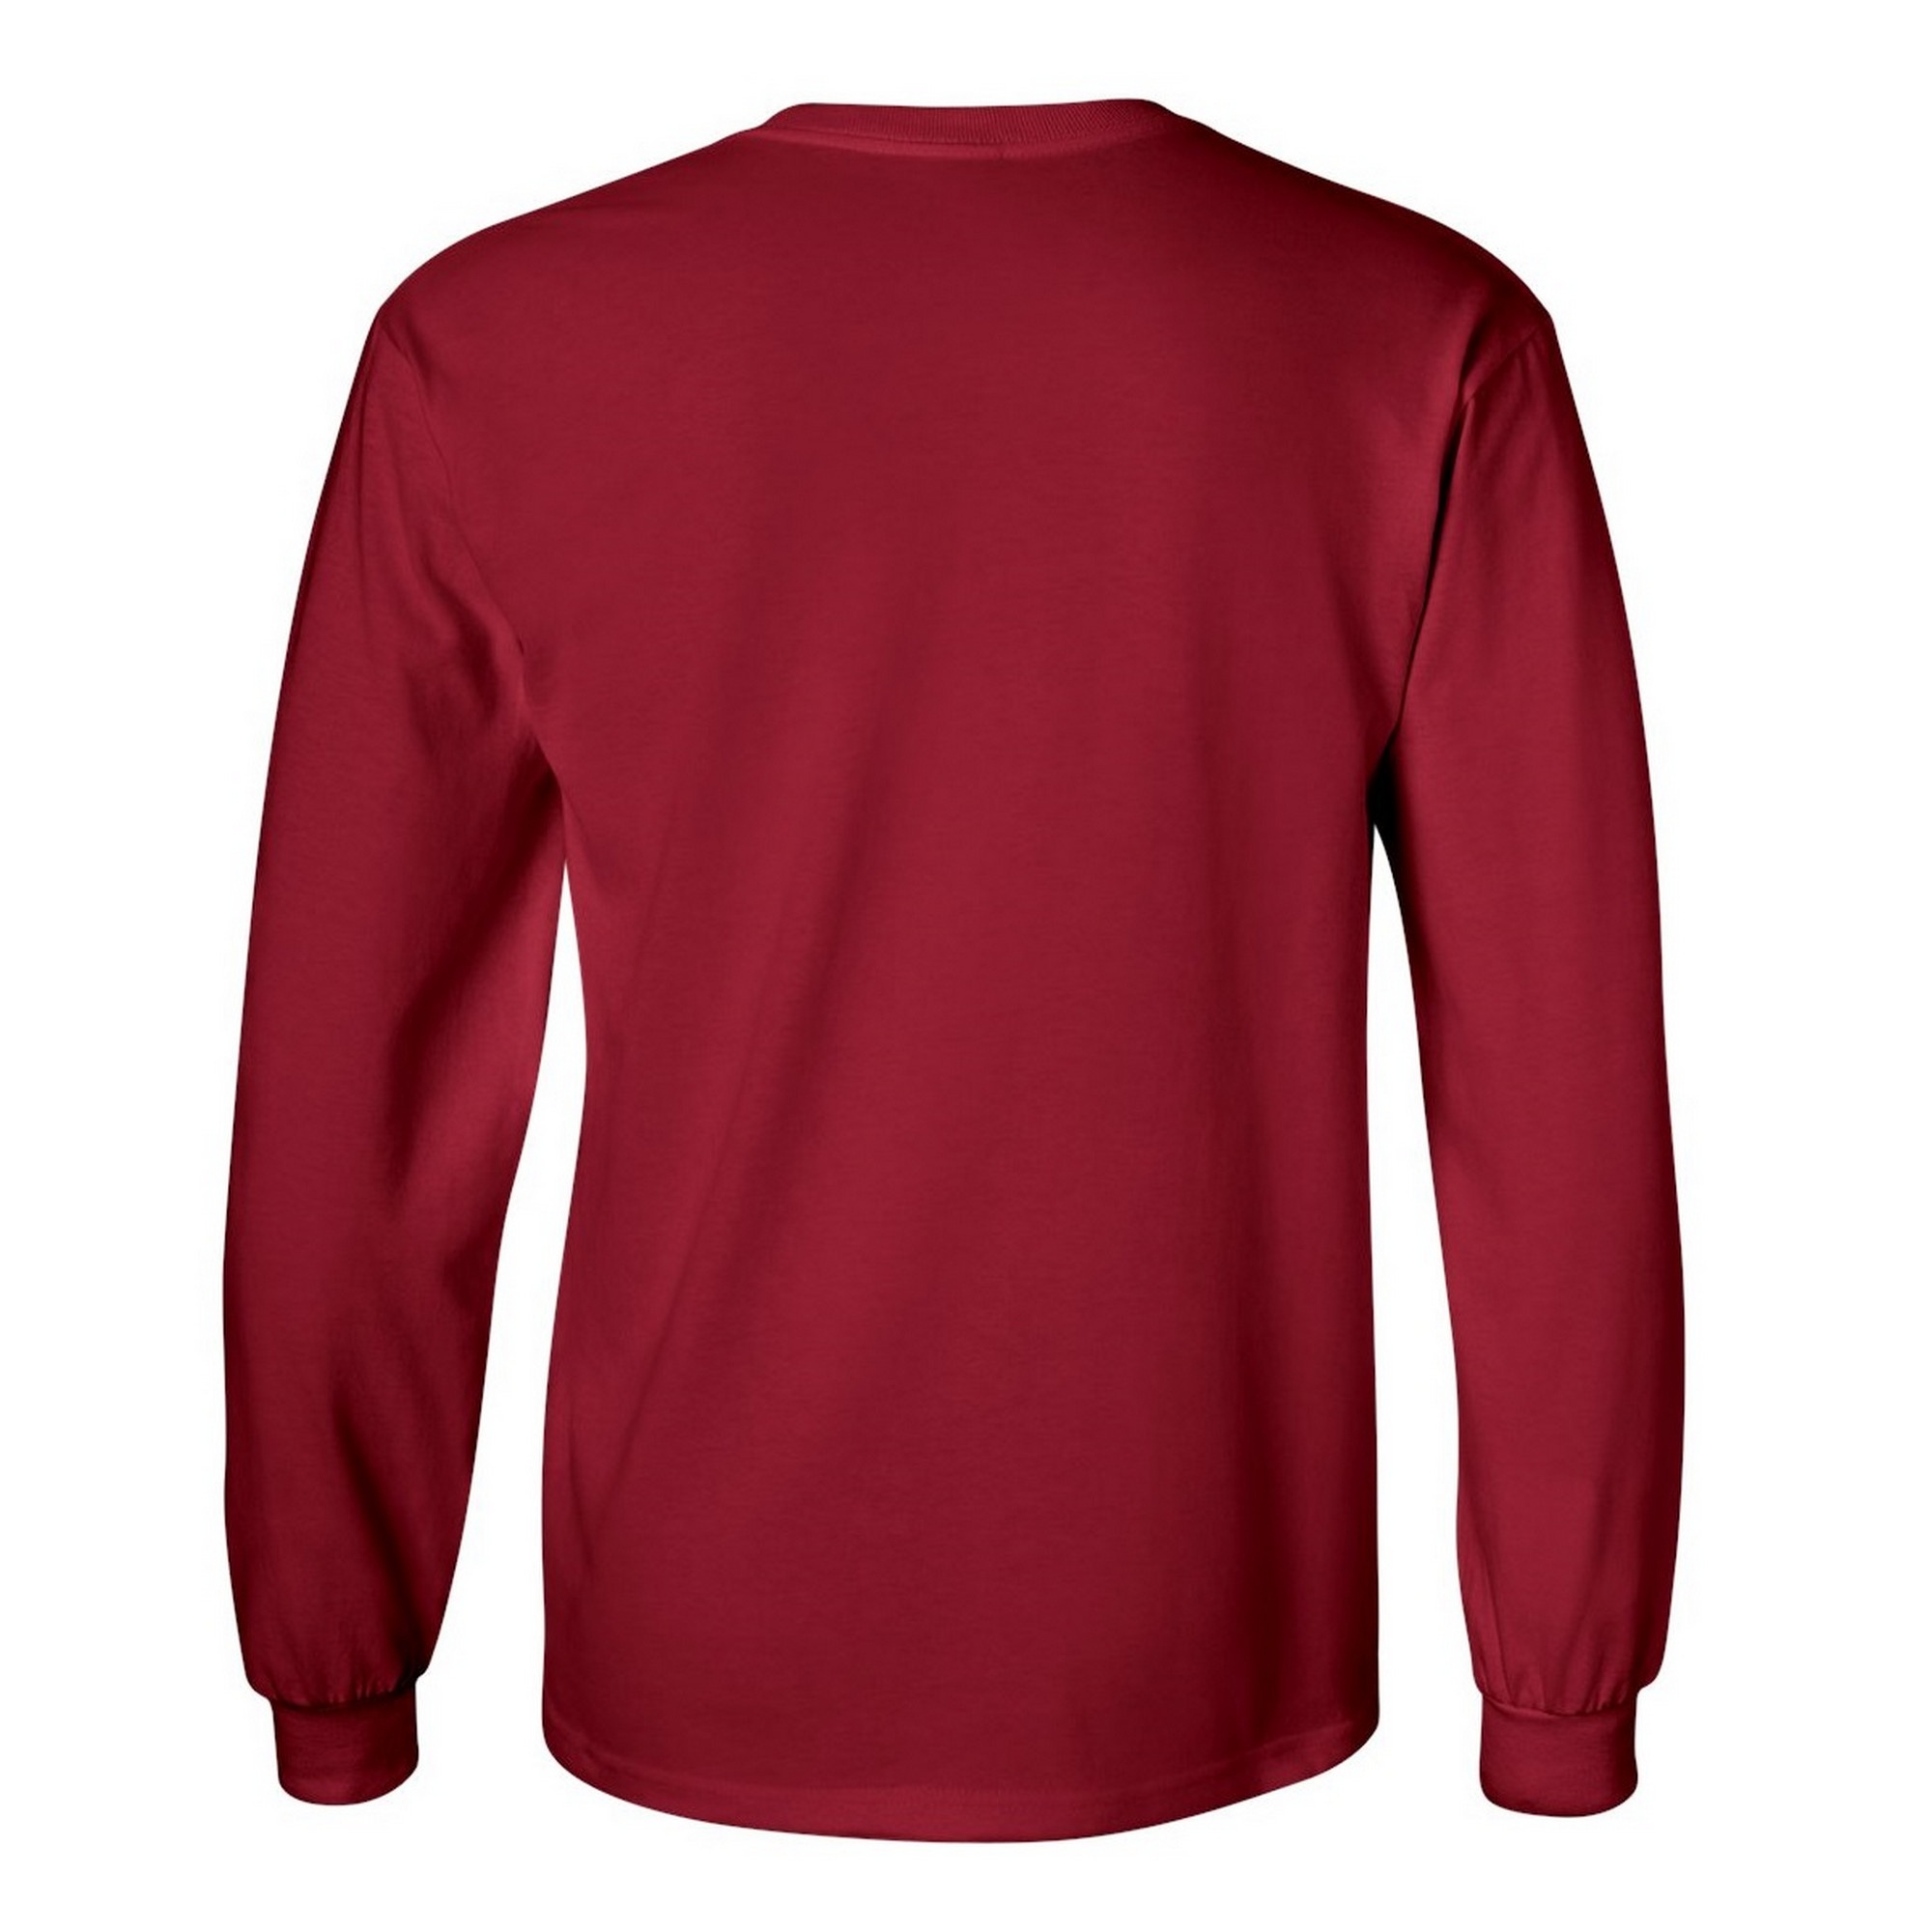 miniature 76 - T-shirt-uni-a-manches-longues-Gildan-100-coton-pour-homme-S-2XL-BC477